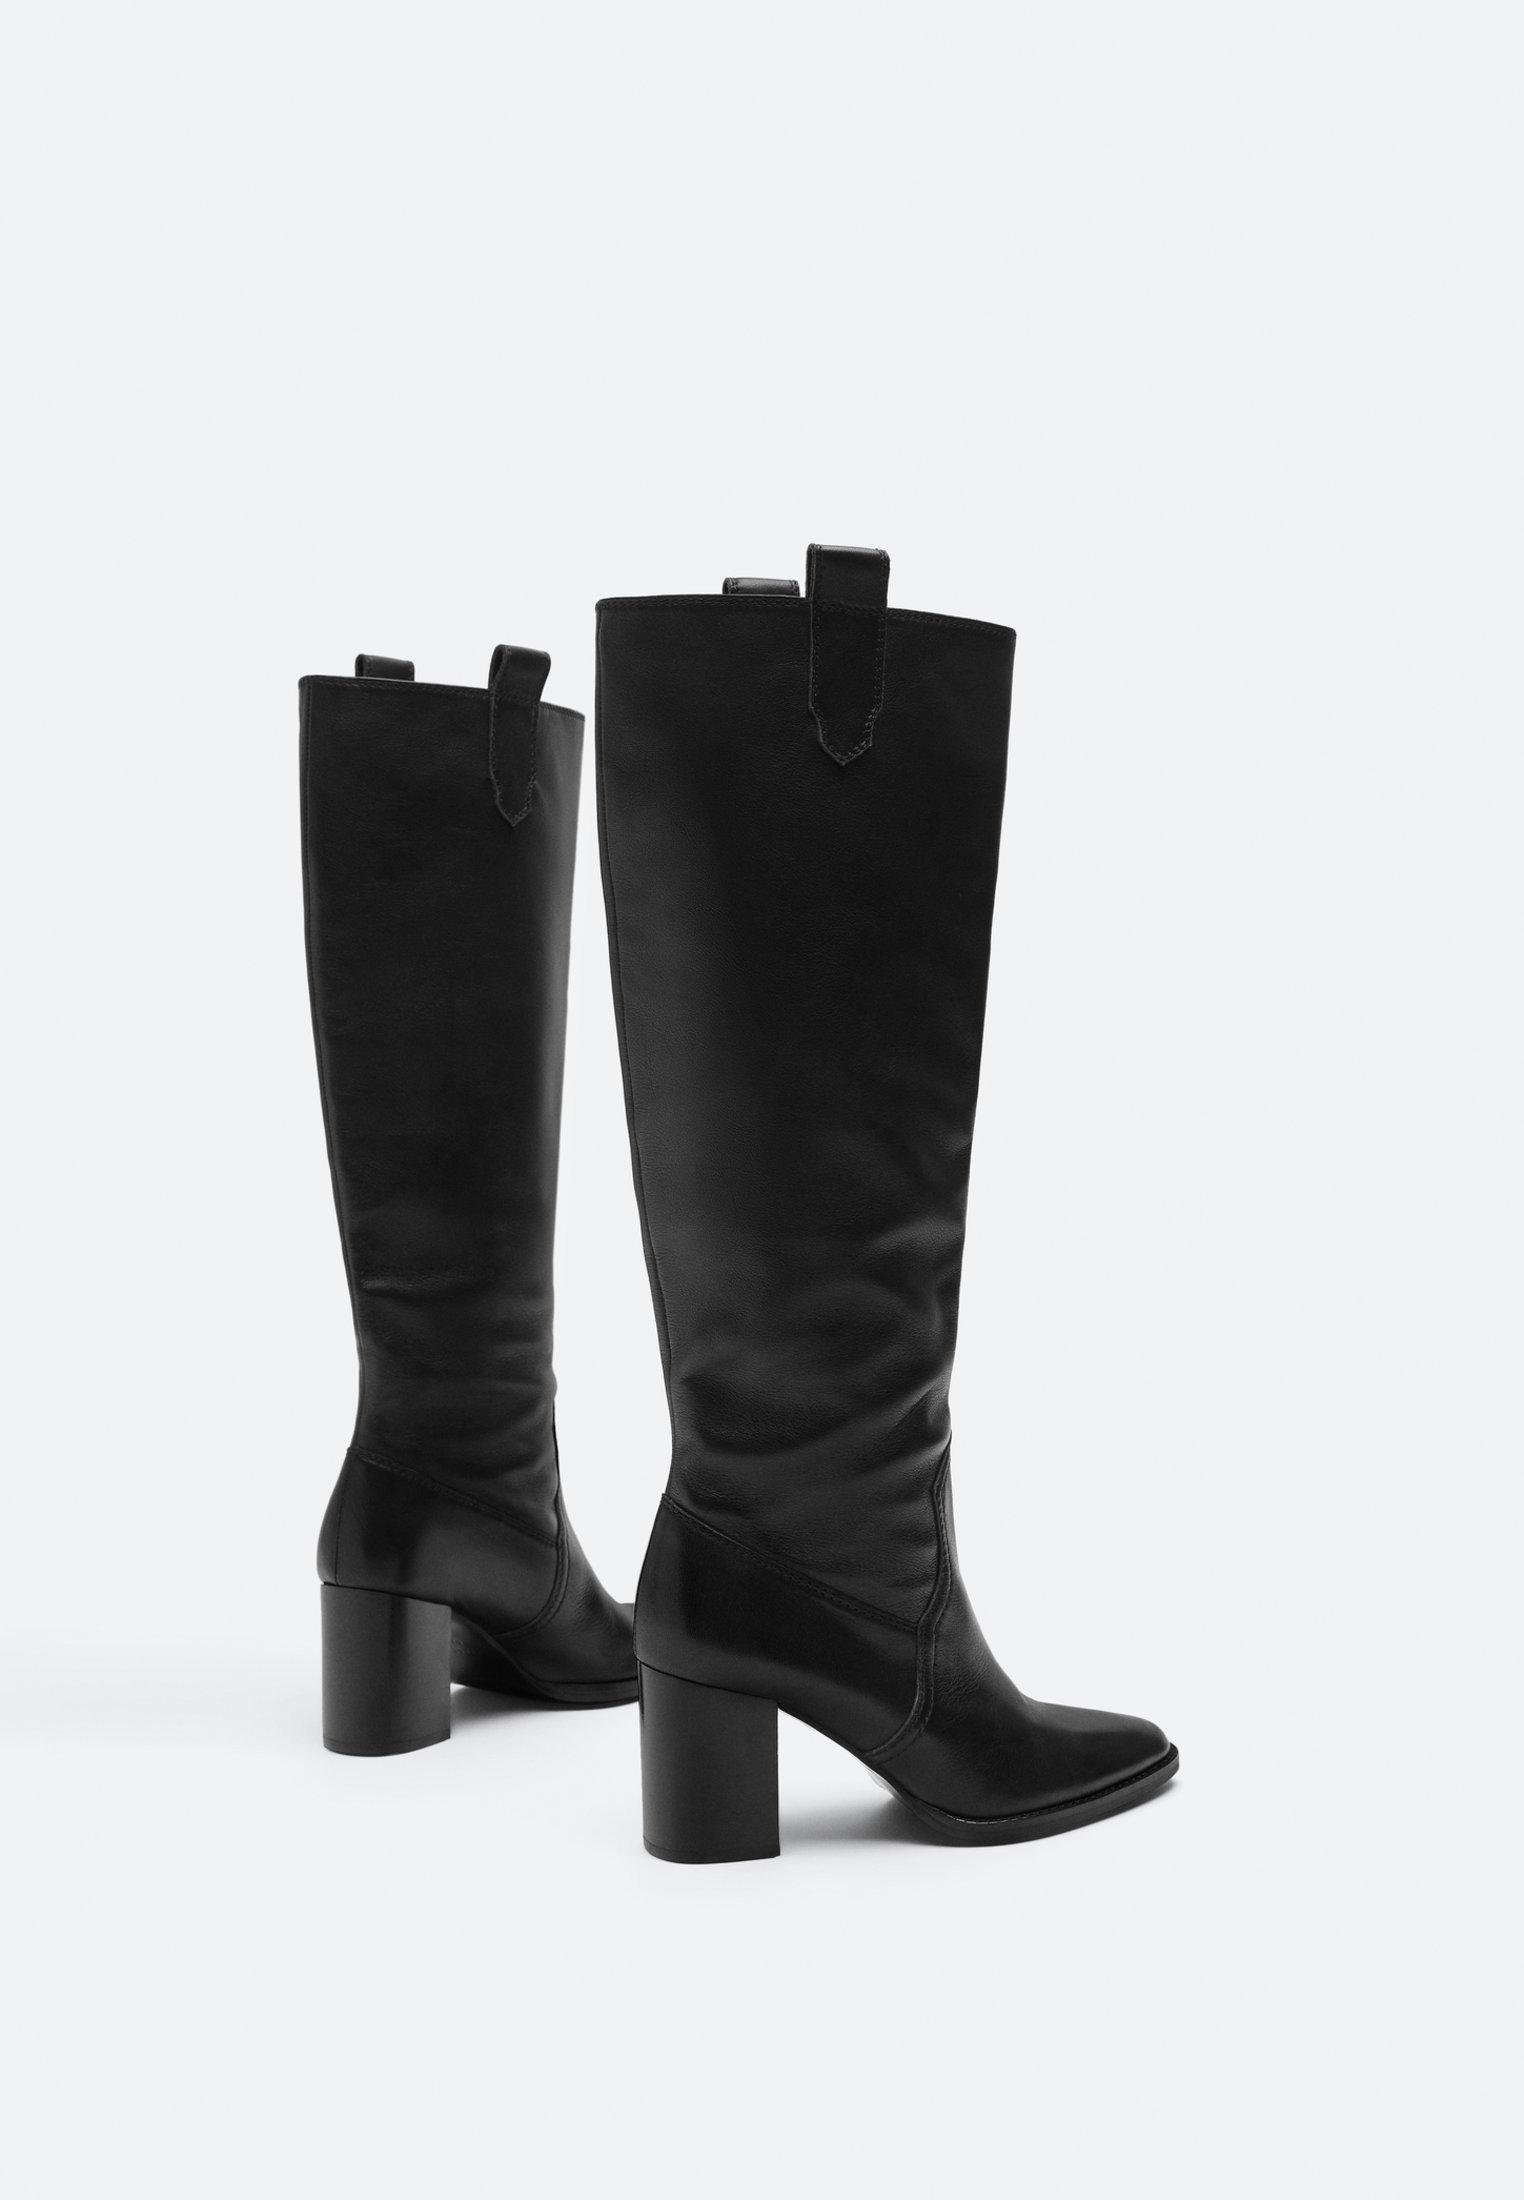 Uterqüe Laarzen met hoge hak - black - Damesschoenen Hot Koop